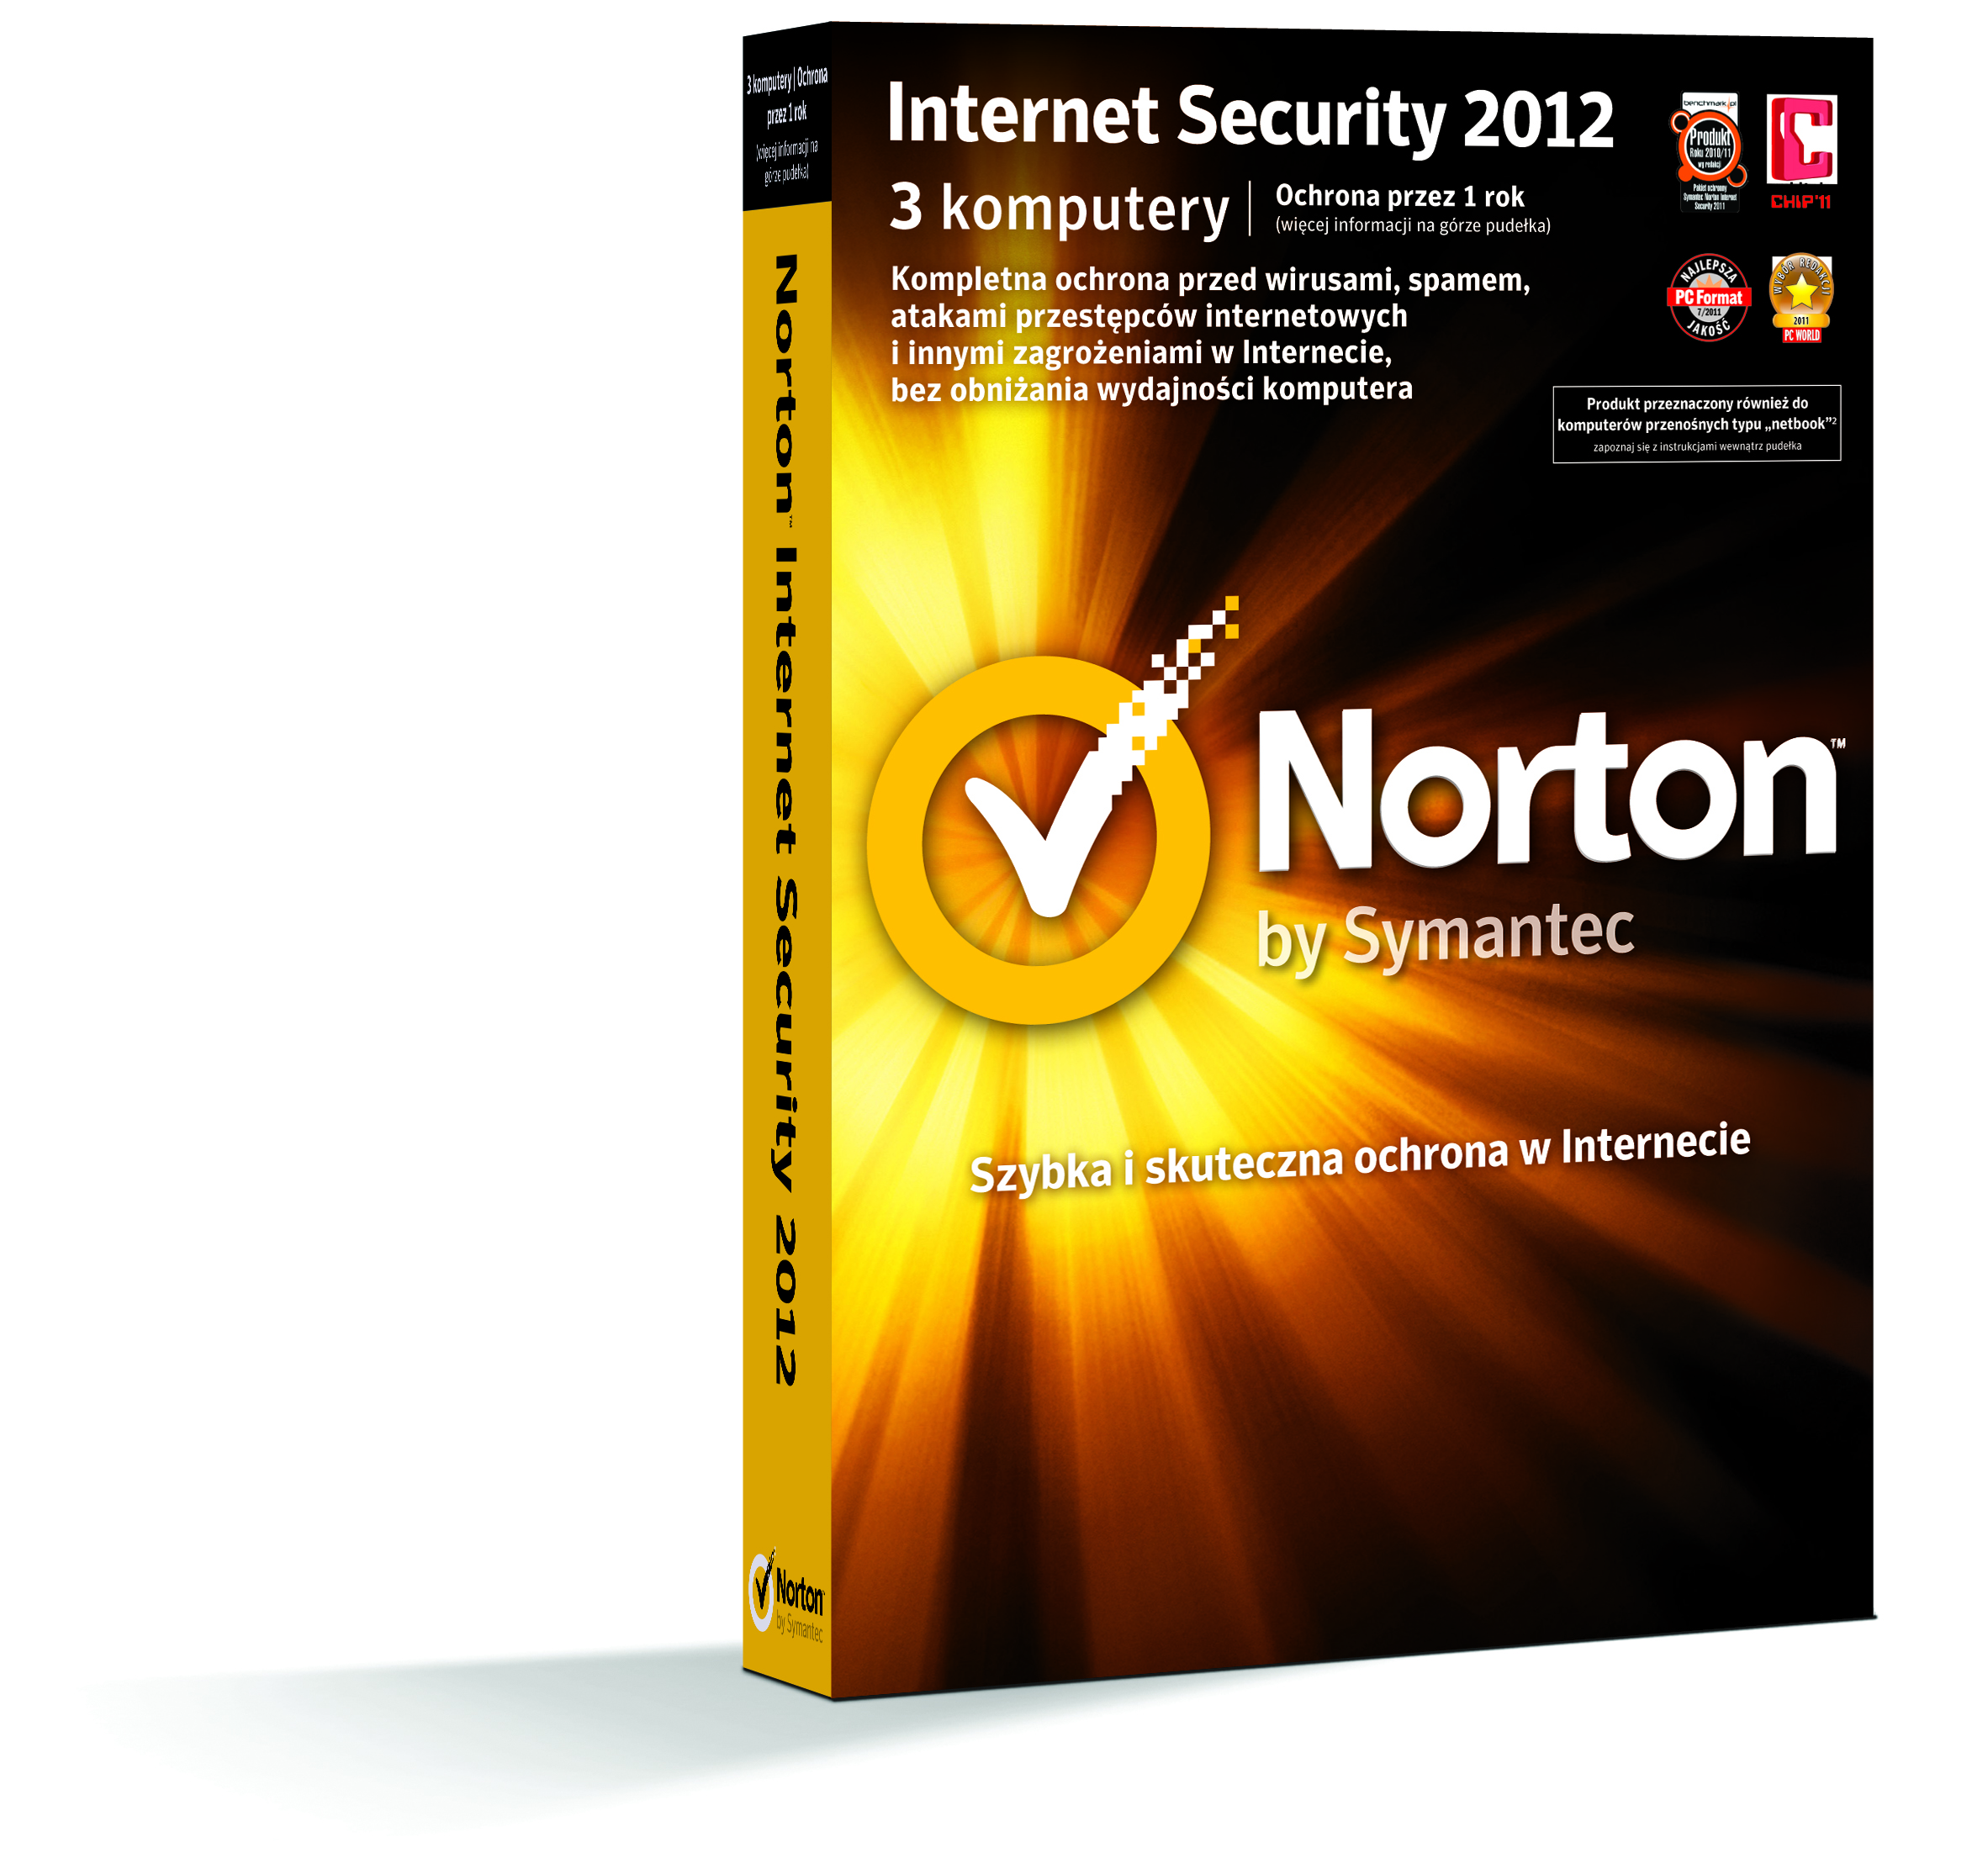 Nortony 2012 chronią w chmurze